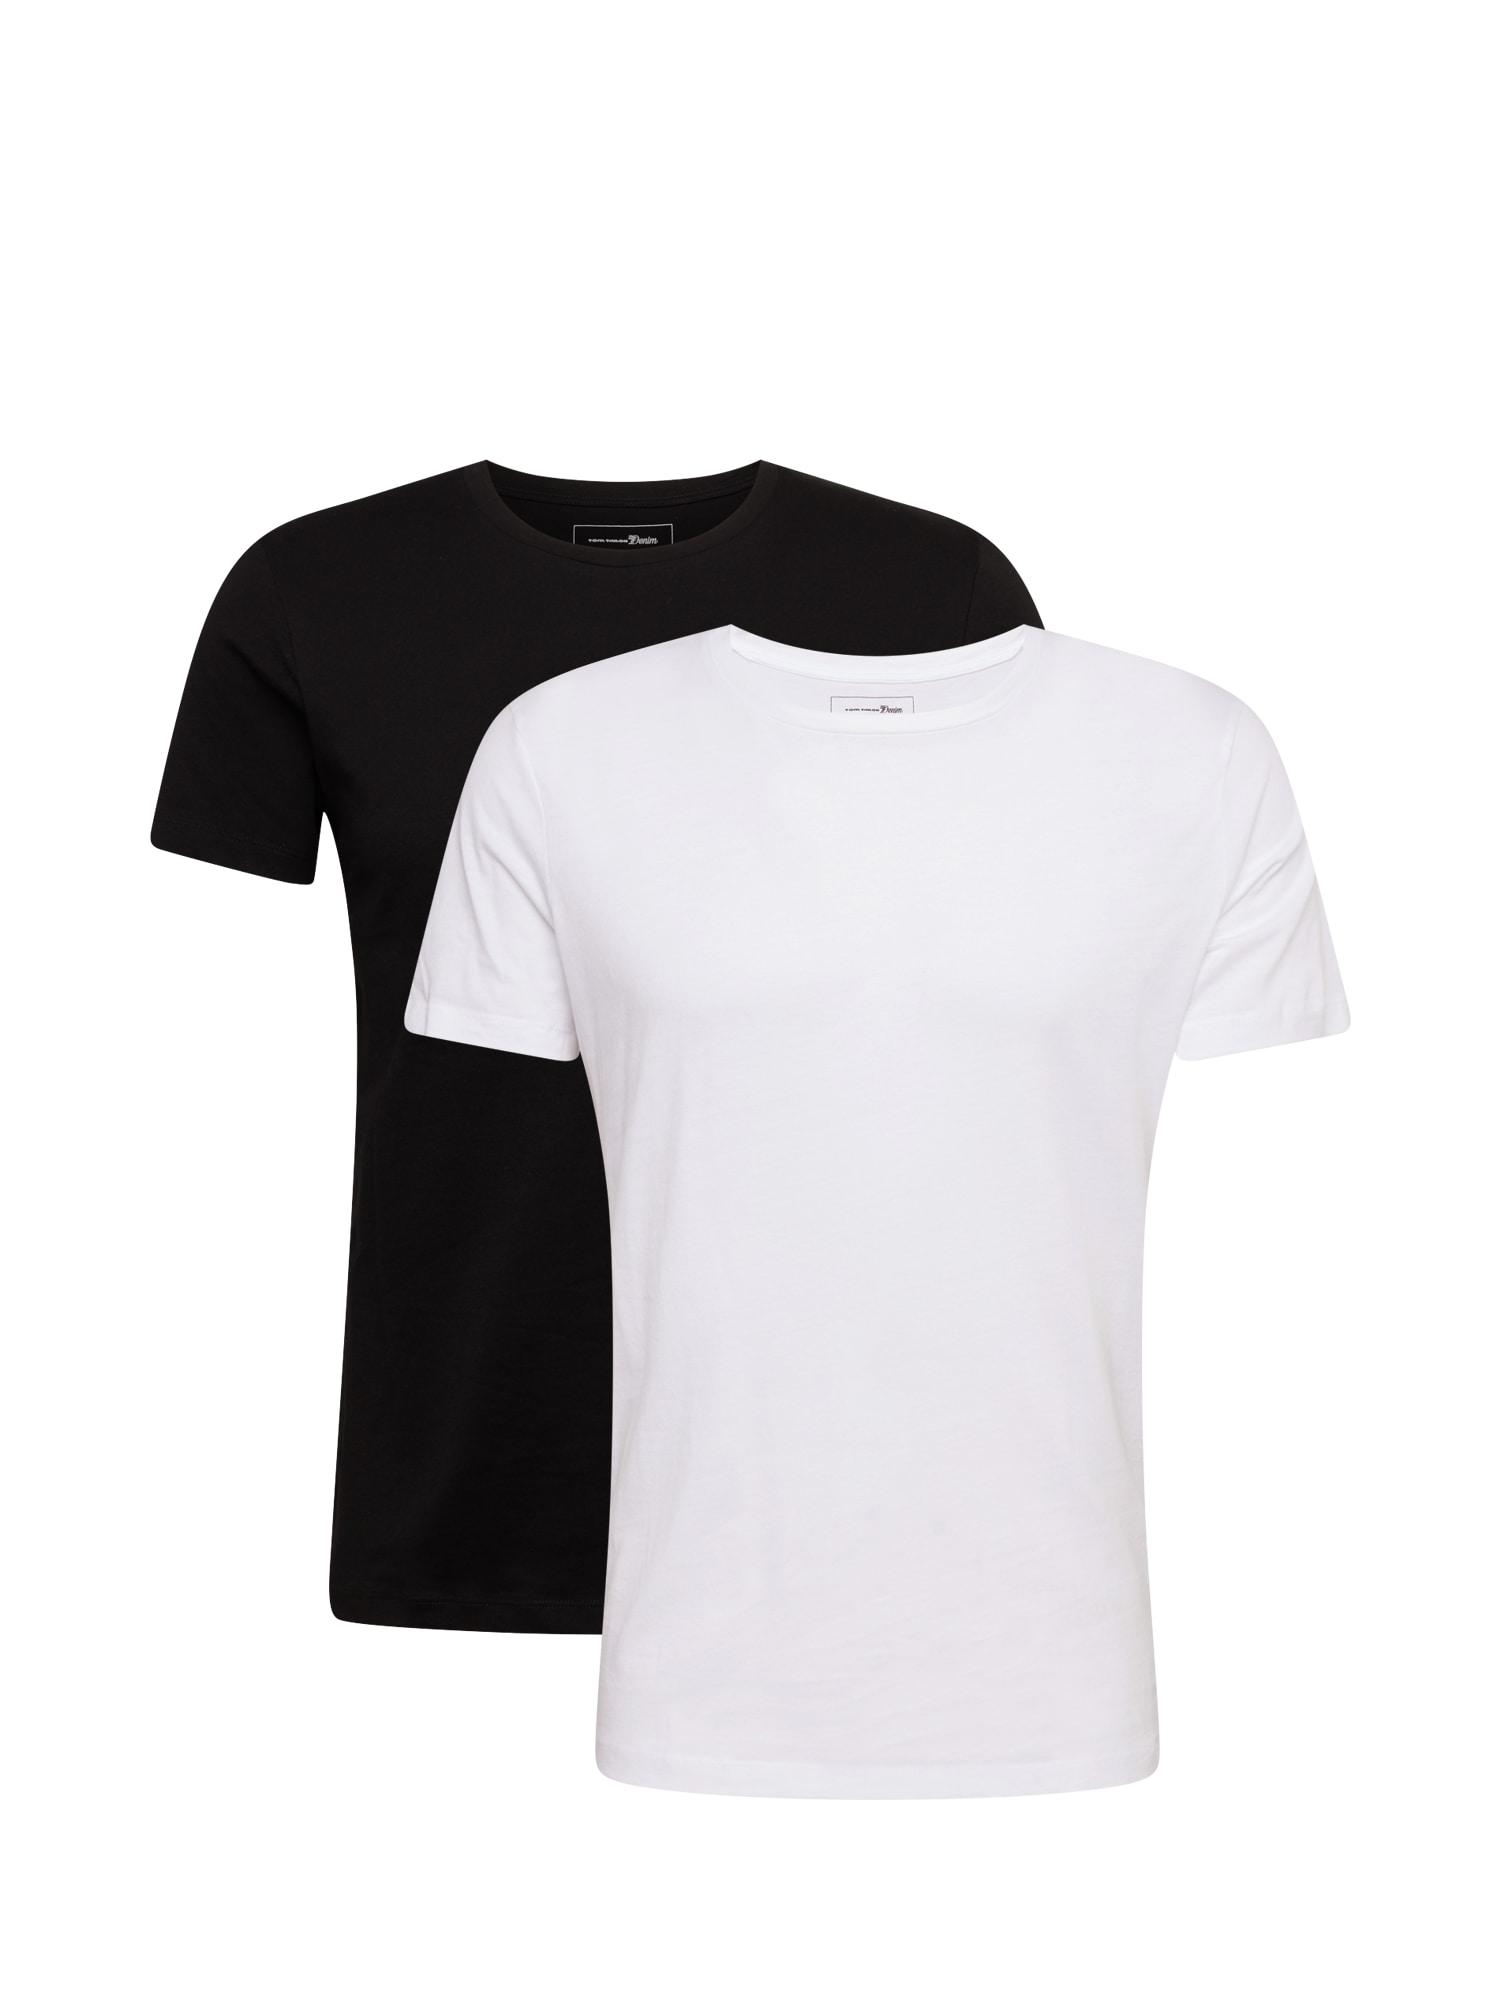 TOM TAILOR DENIM Marškinėliai juoda / balkšva